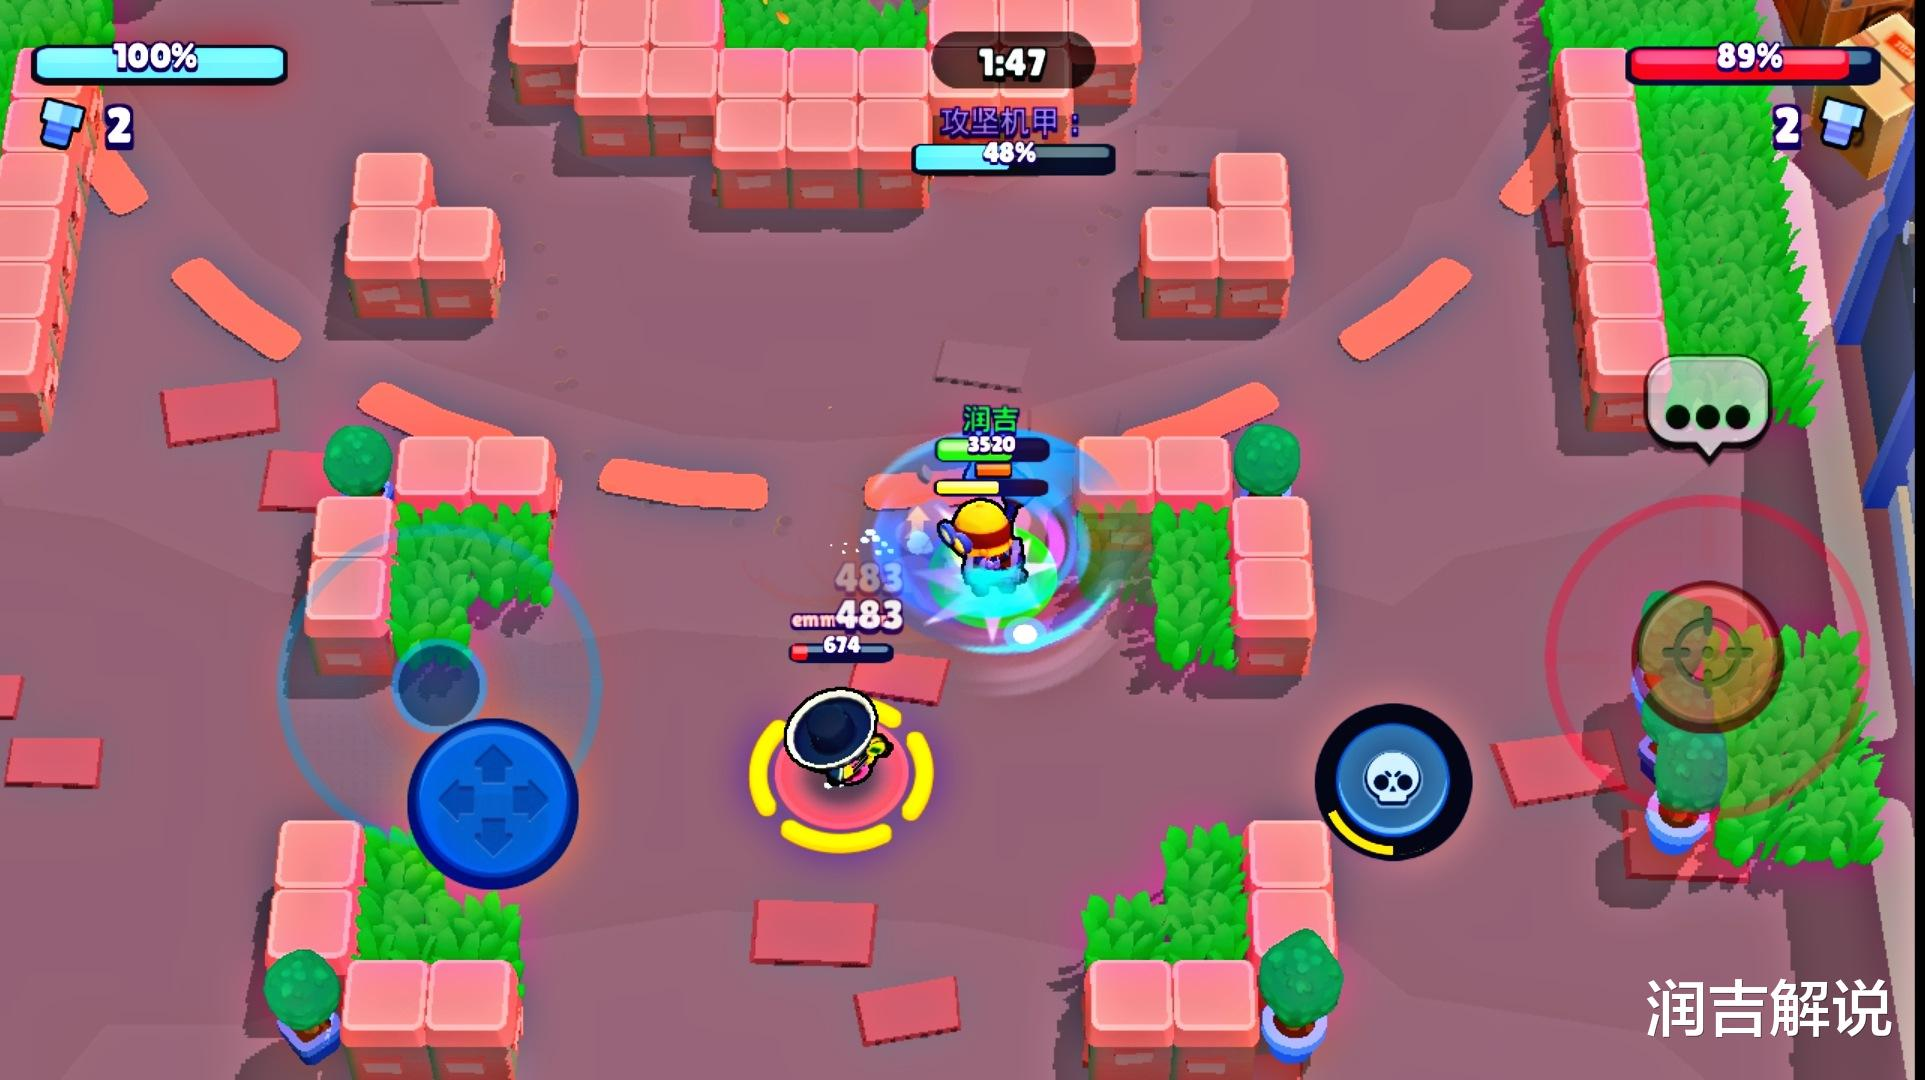 《【煜星app注册】荒野乱斗:伤害不高的小旋风,看似不强势,但玩家操控到位很强势》